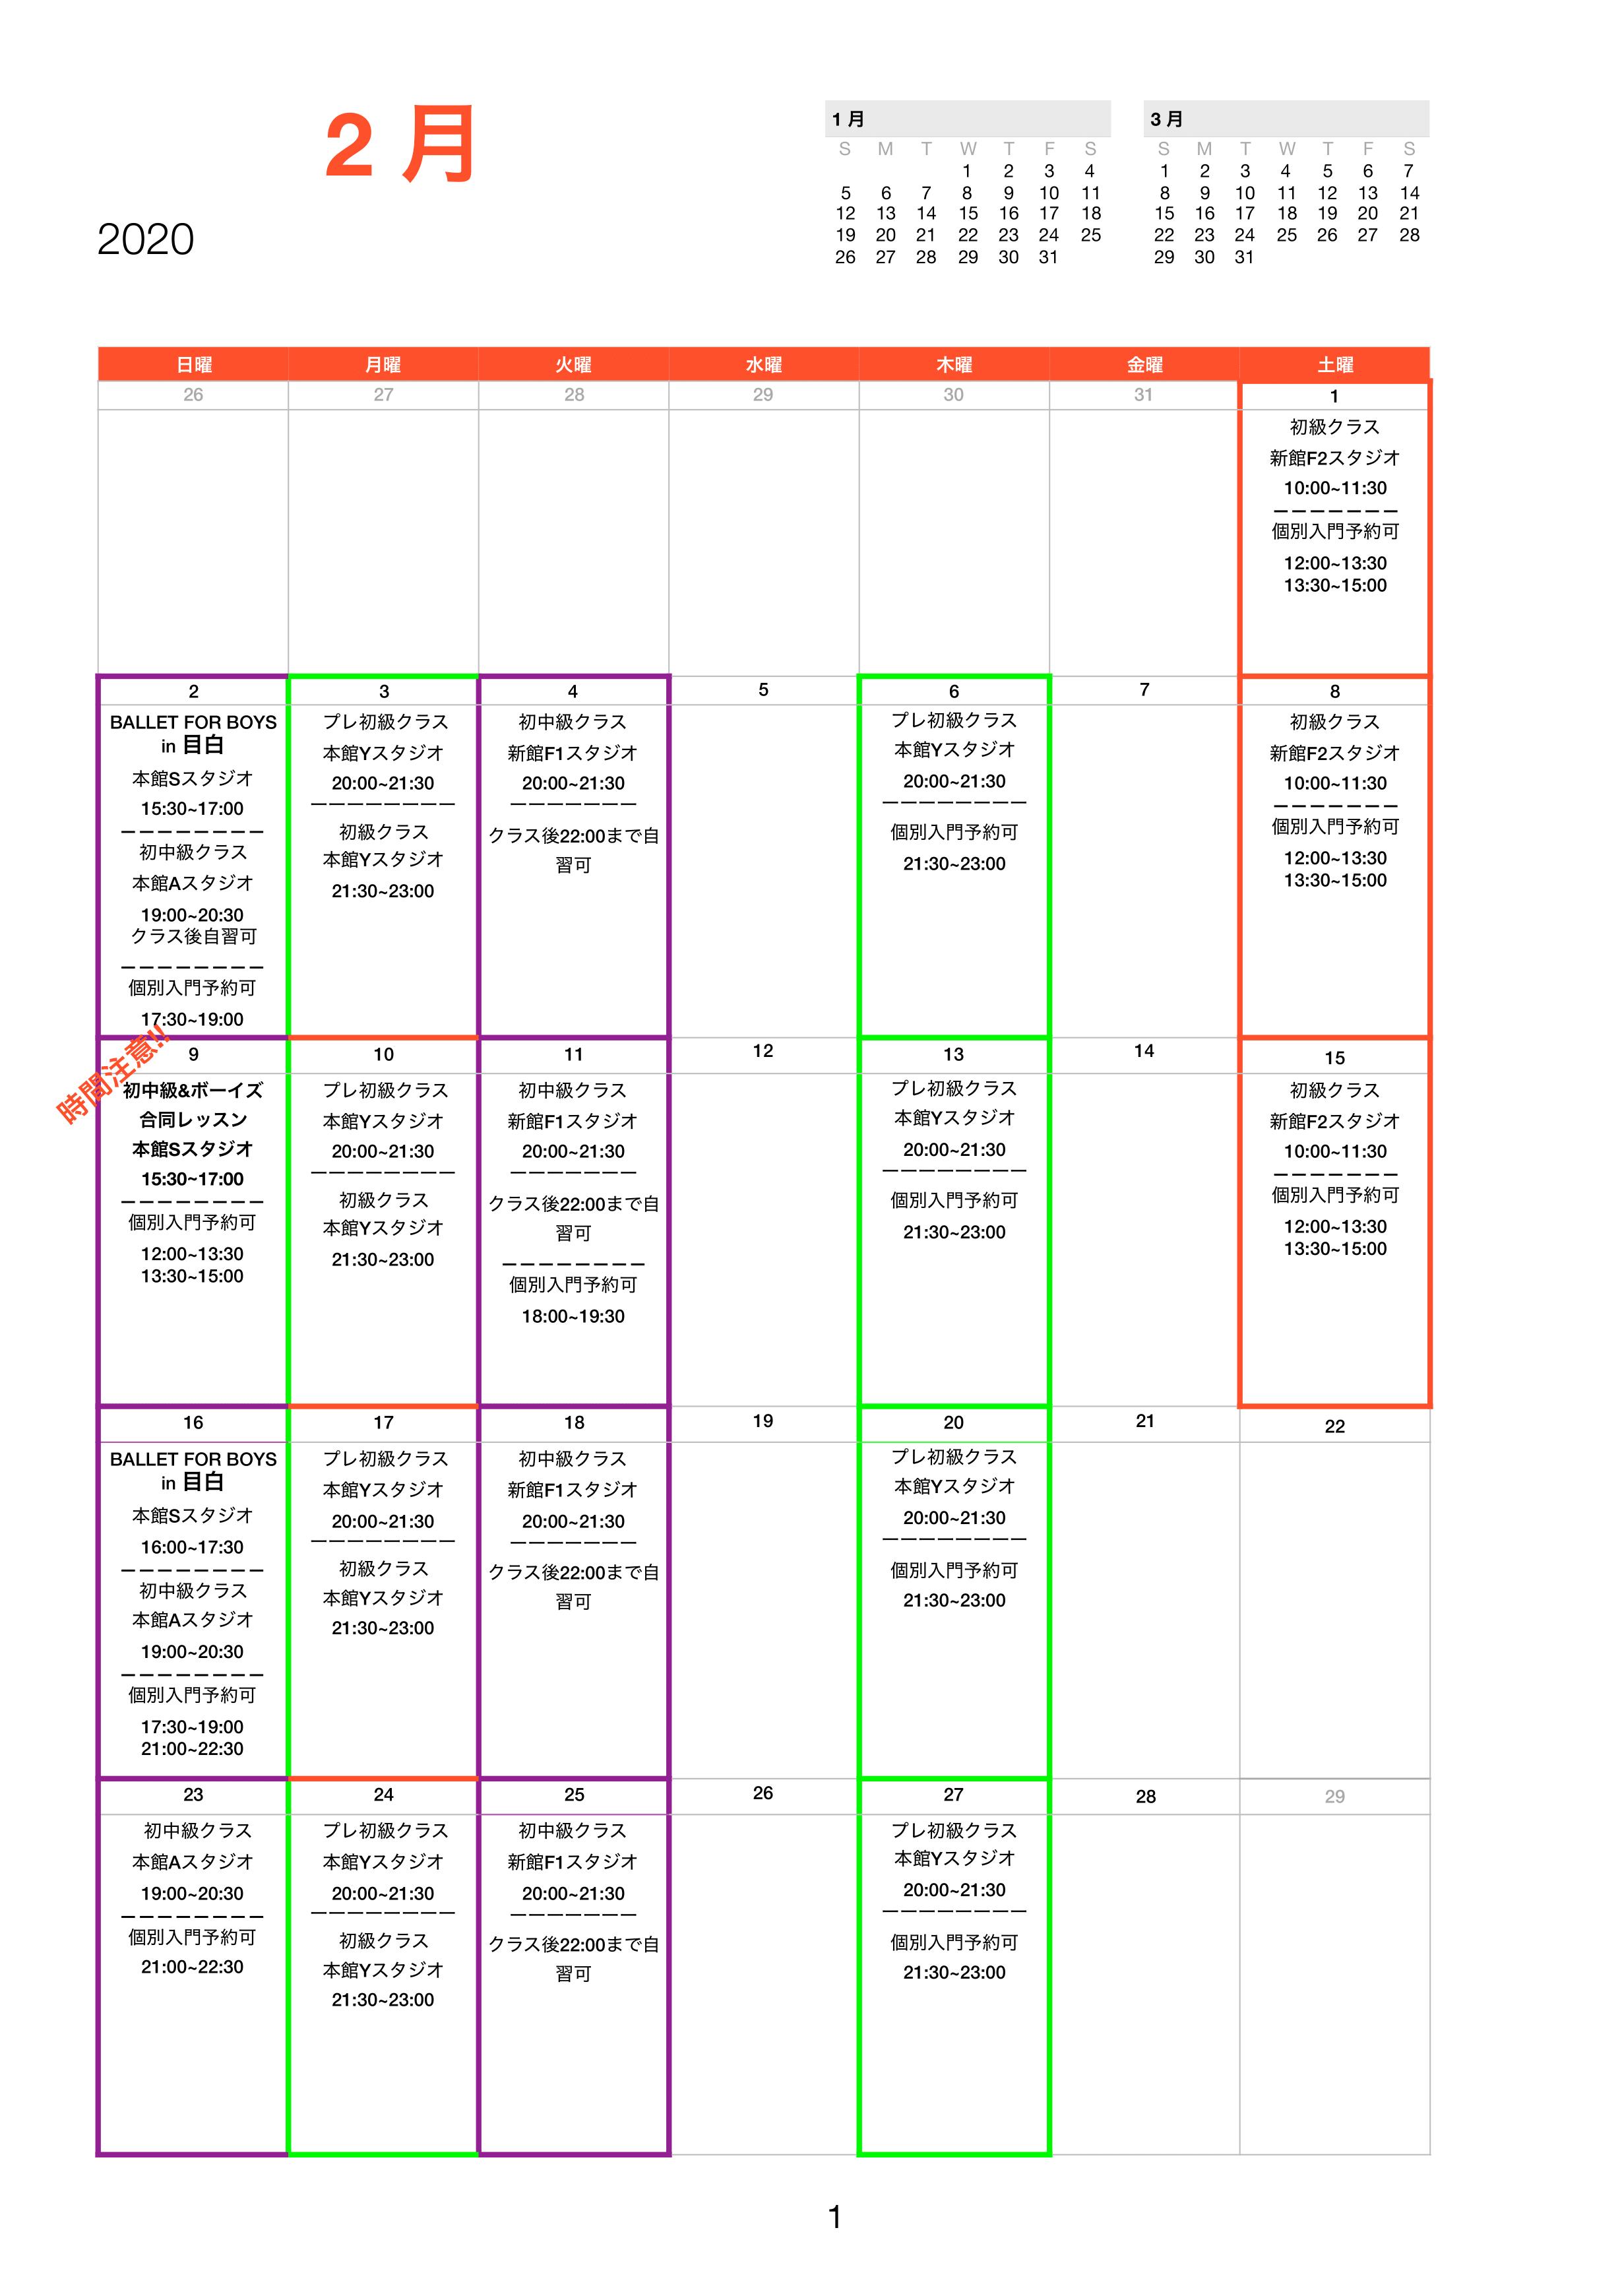 BFMsch2020:2v5-1